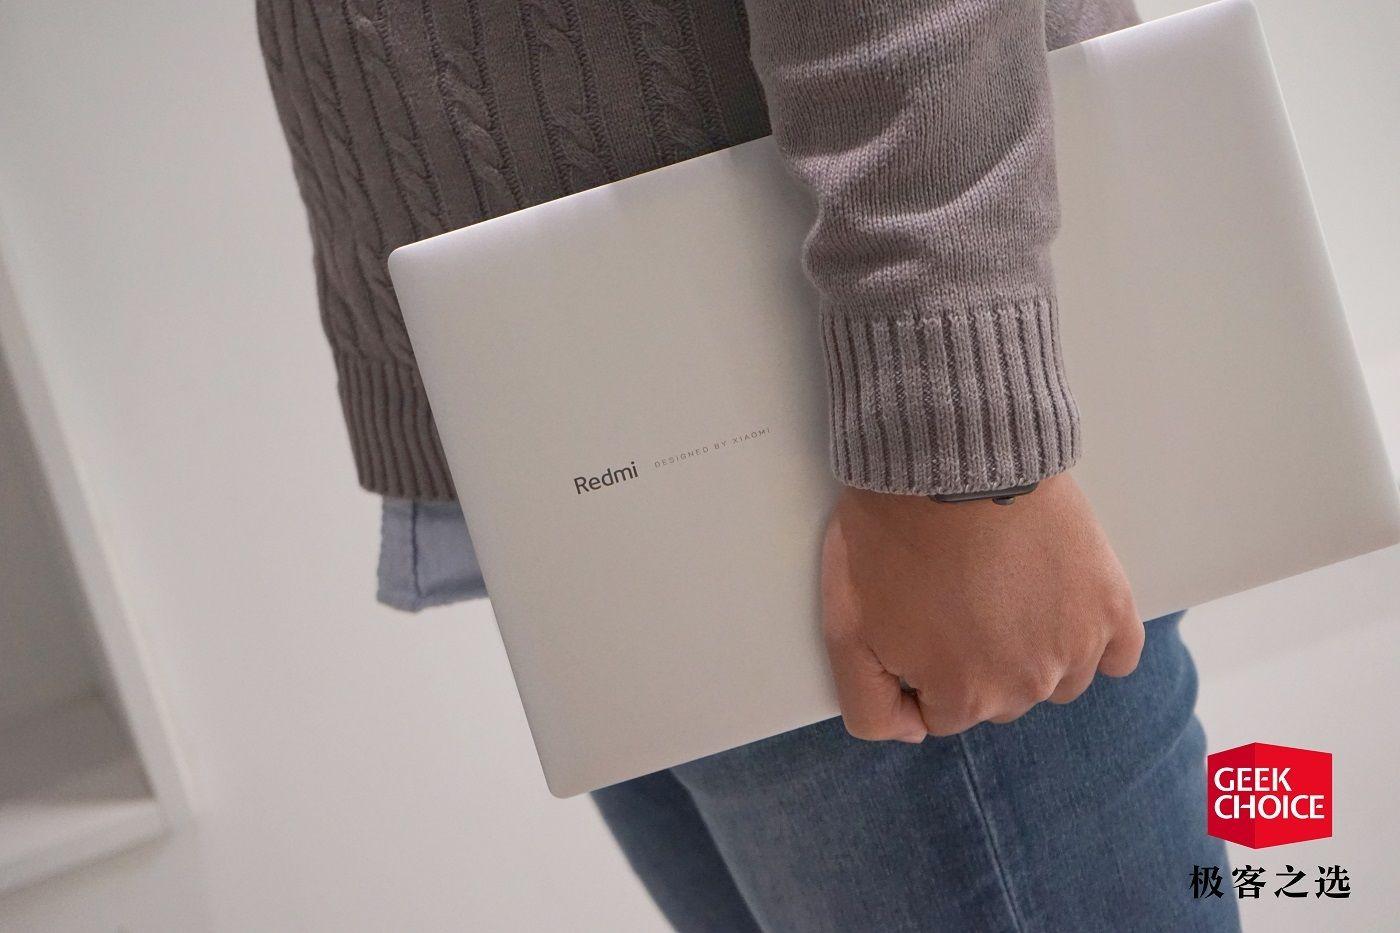 RedmiBook 13 上手:窄边框+十代酷睿处理器,不到五千的便携笔记本你喜欢吗?